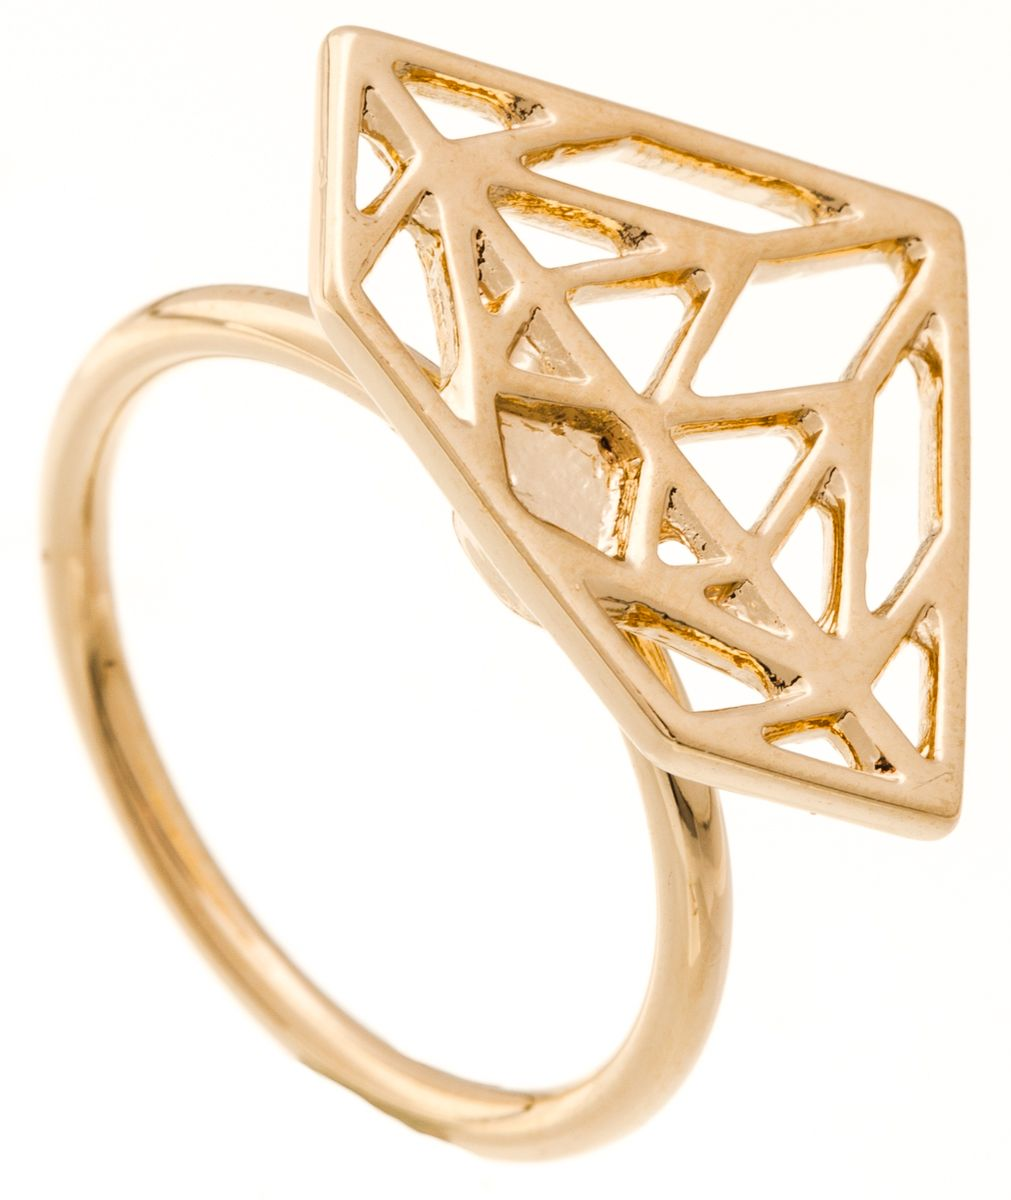 Кольцо Jenavi Young 2. Эпик, цвет: золотой. f661p090. Размер 17Коктейльное кольцоИзящное кольцо Jenavi из коллекции Young 2. Эпик изготовлено из ювелирного сплава с покрытием из позолоты. Изделие выполнено в необычном дизайне в форме треугольника. Стильное кольцо придаст вашему образу изюминку, подчеркнет индивидуальность.